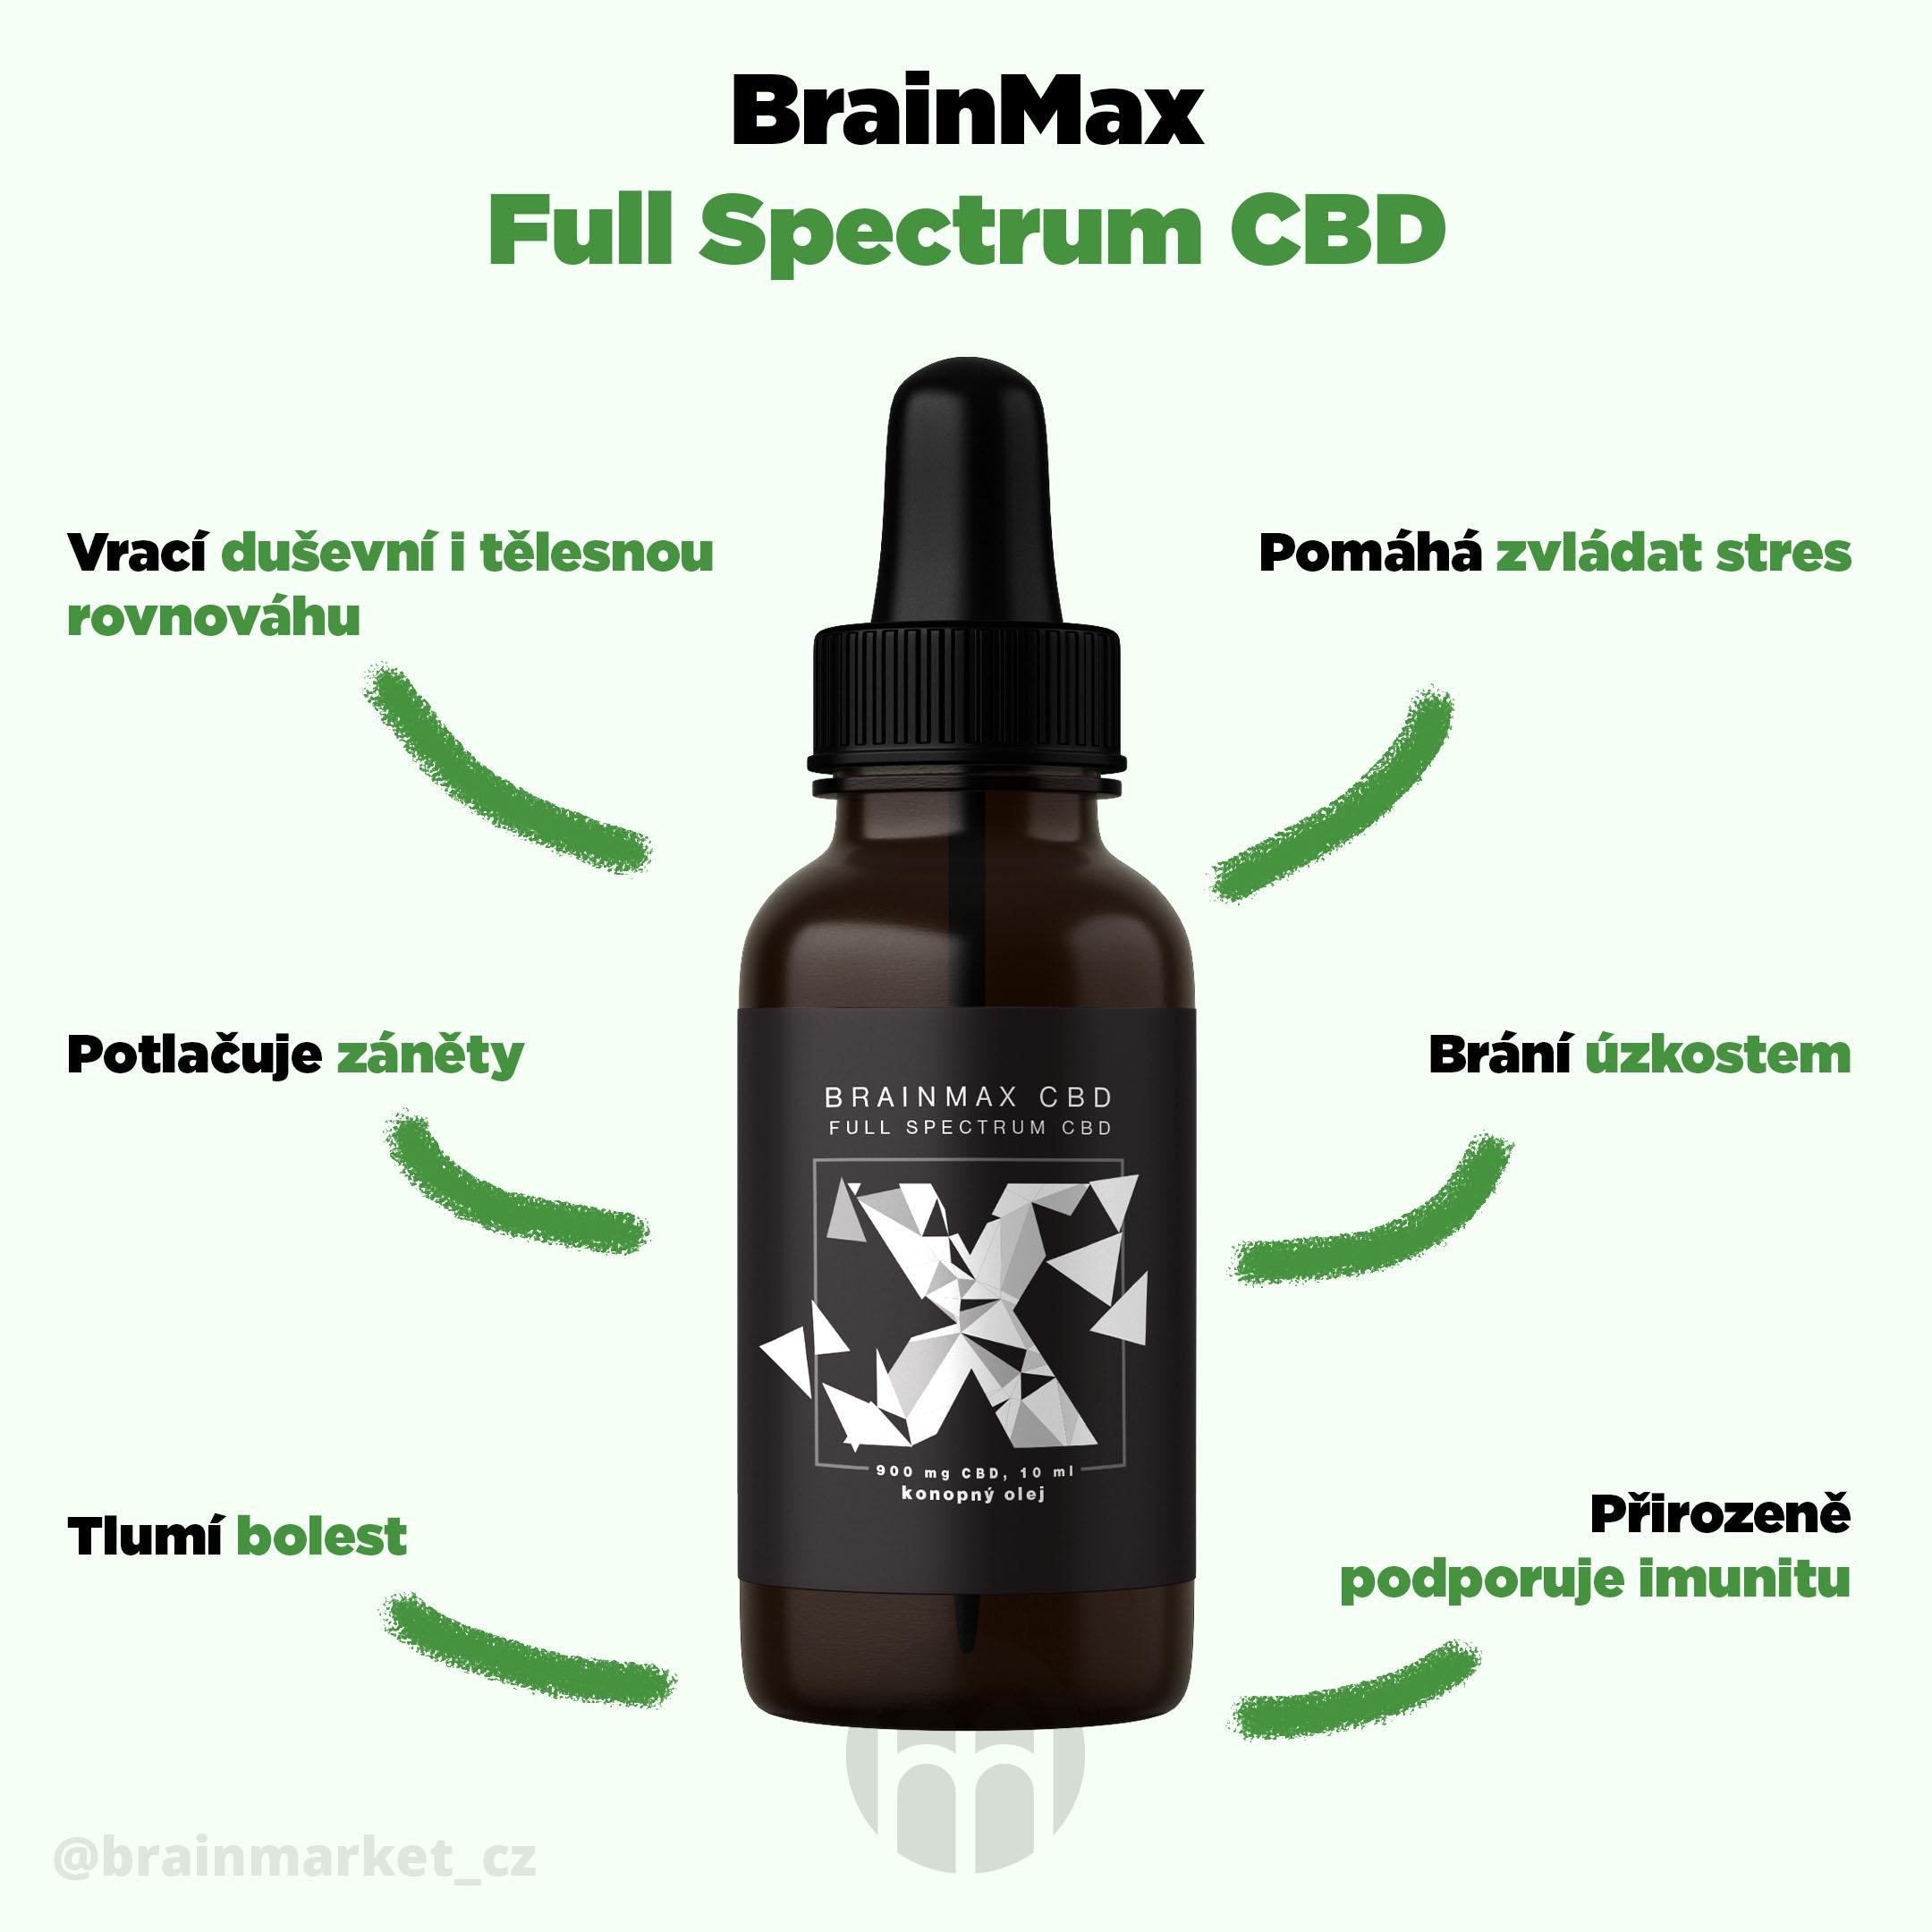 brainmax_CBD_infografika_brainmarket_CZ